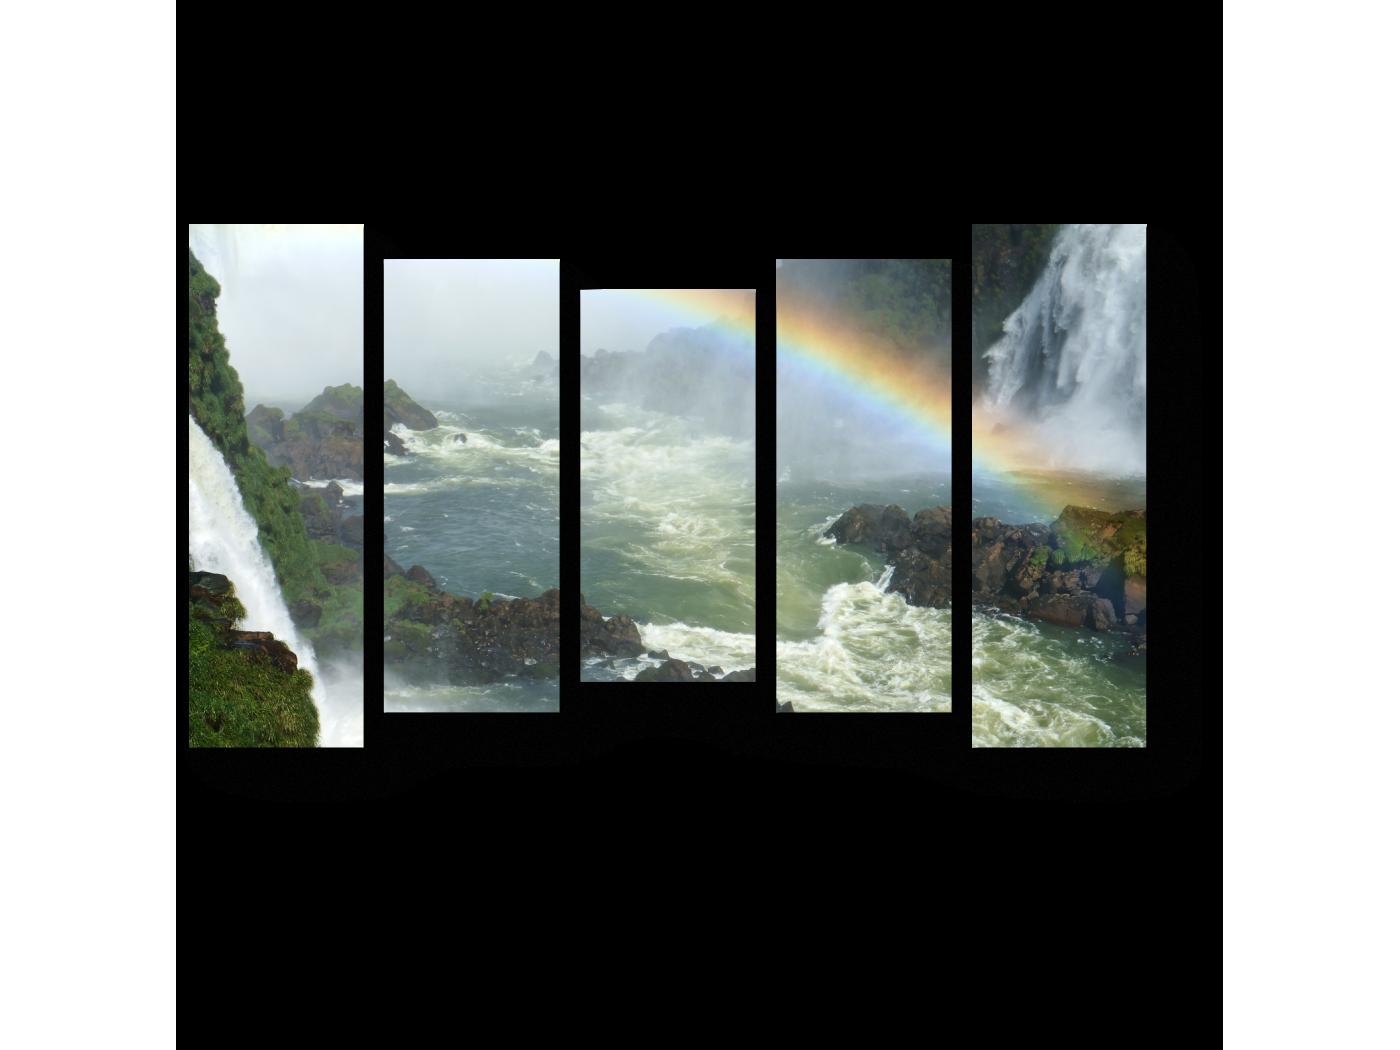 Модульная картина Радуга над бурлящей рекой (90x54) фото